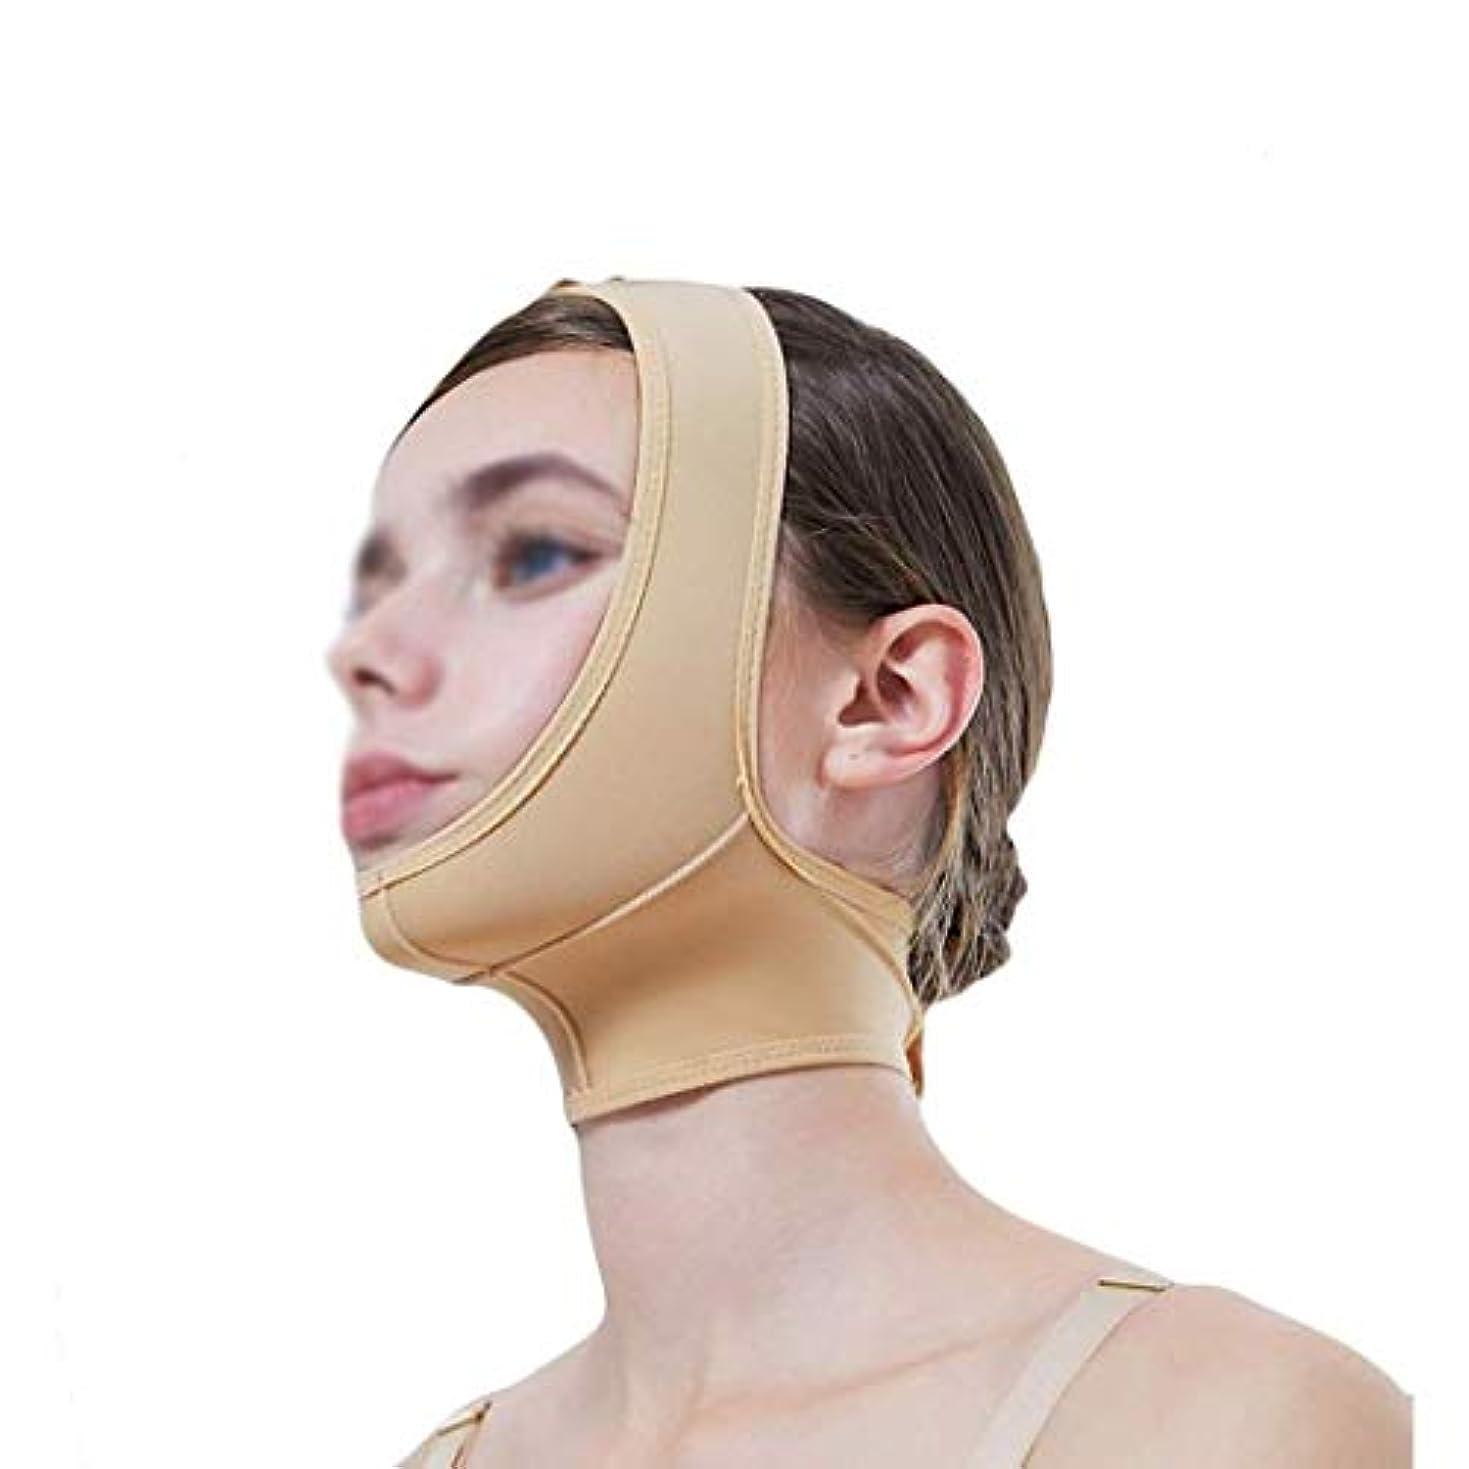 ピグマリオンモルヒネ感謝しているHUYYA Vライン頬、女性の顔を持ち上げるベルト しわ防止包帯 二重あごの減量顔,Flesh_X-Large